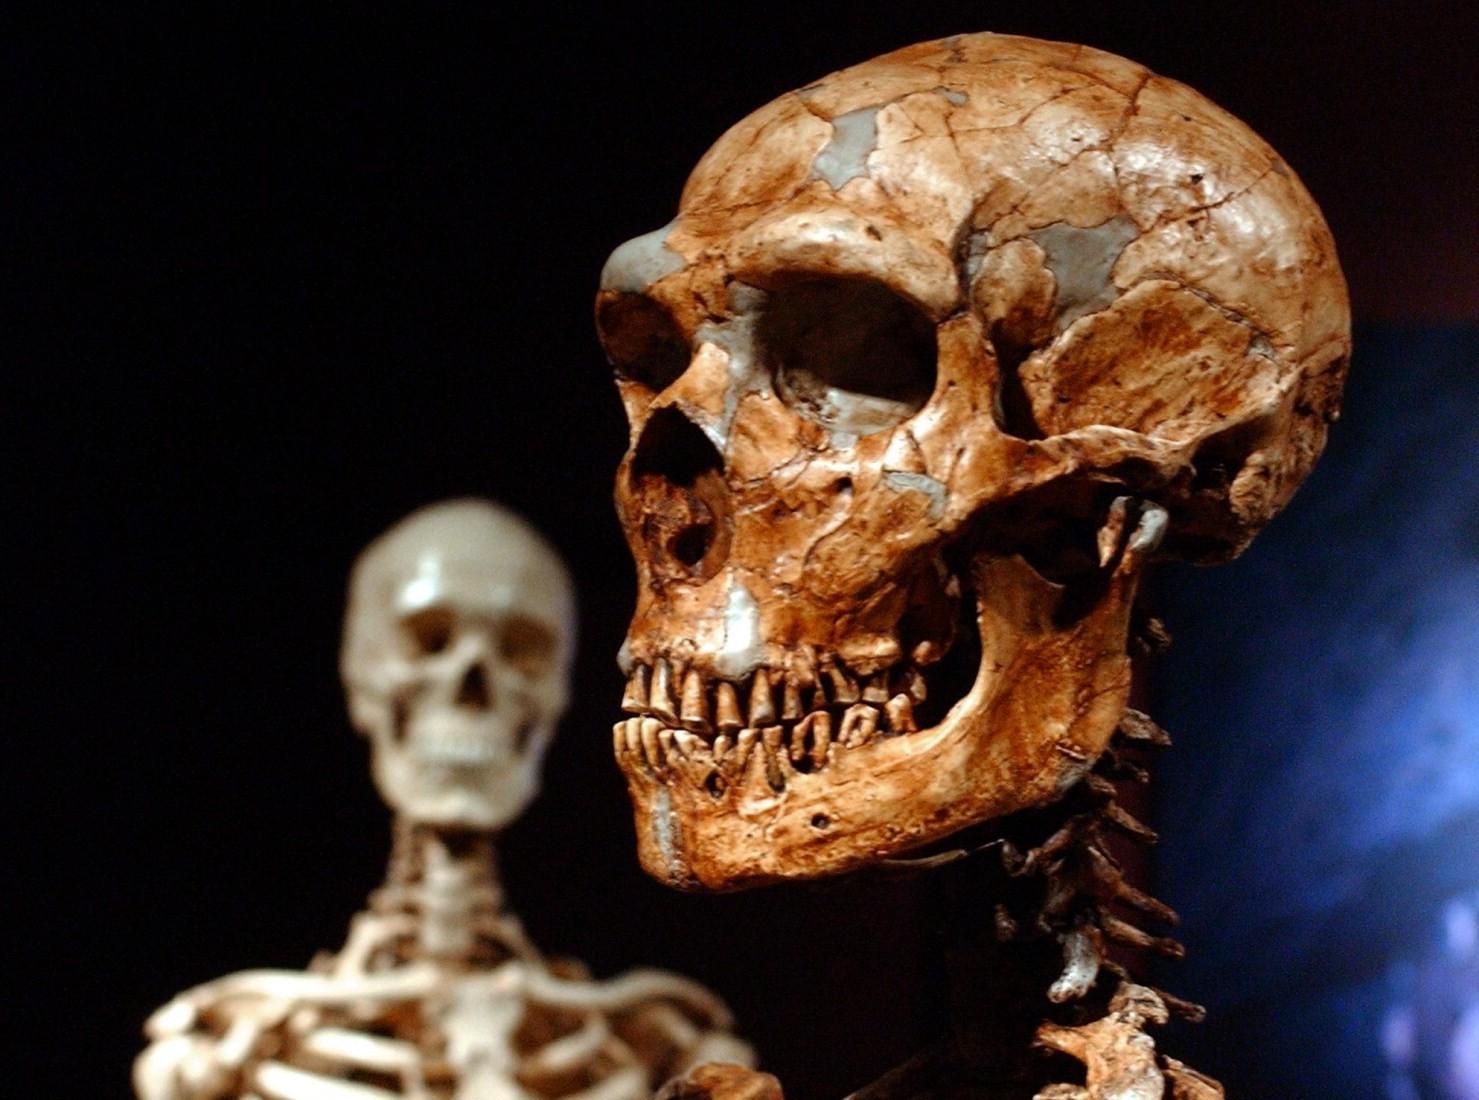 Ученые: Человек унаследовал отнеандертальцев плохие гены